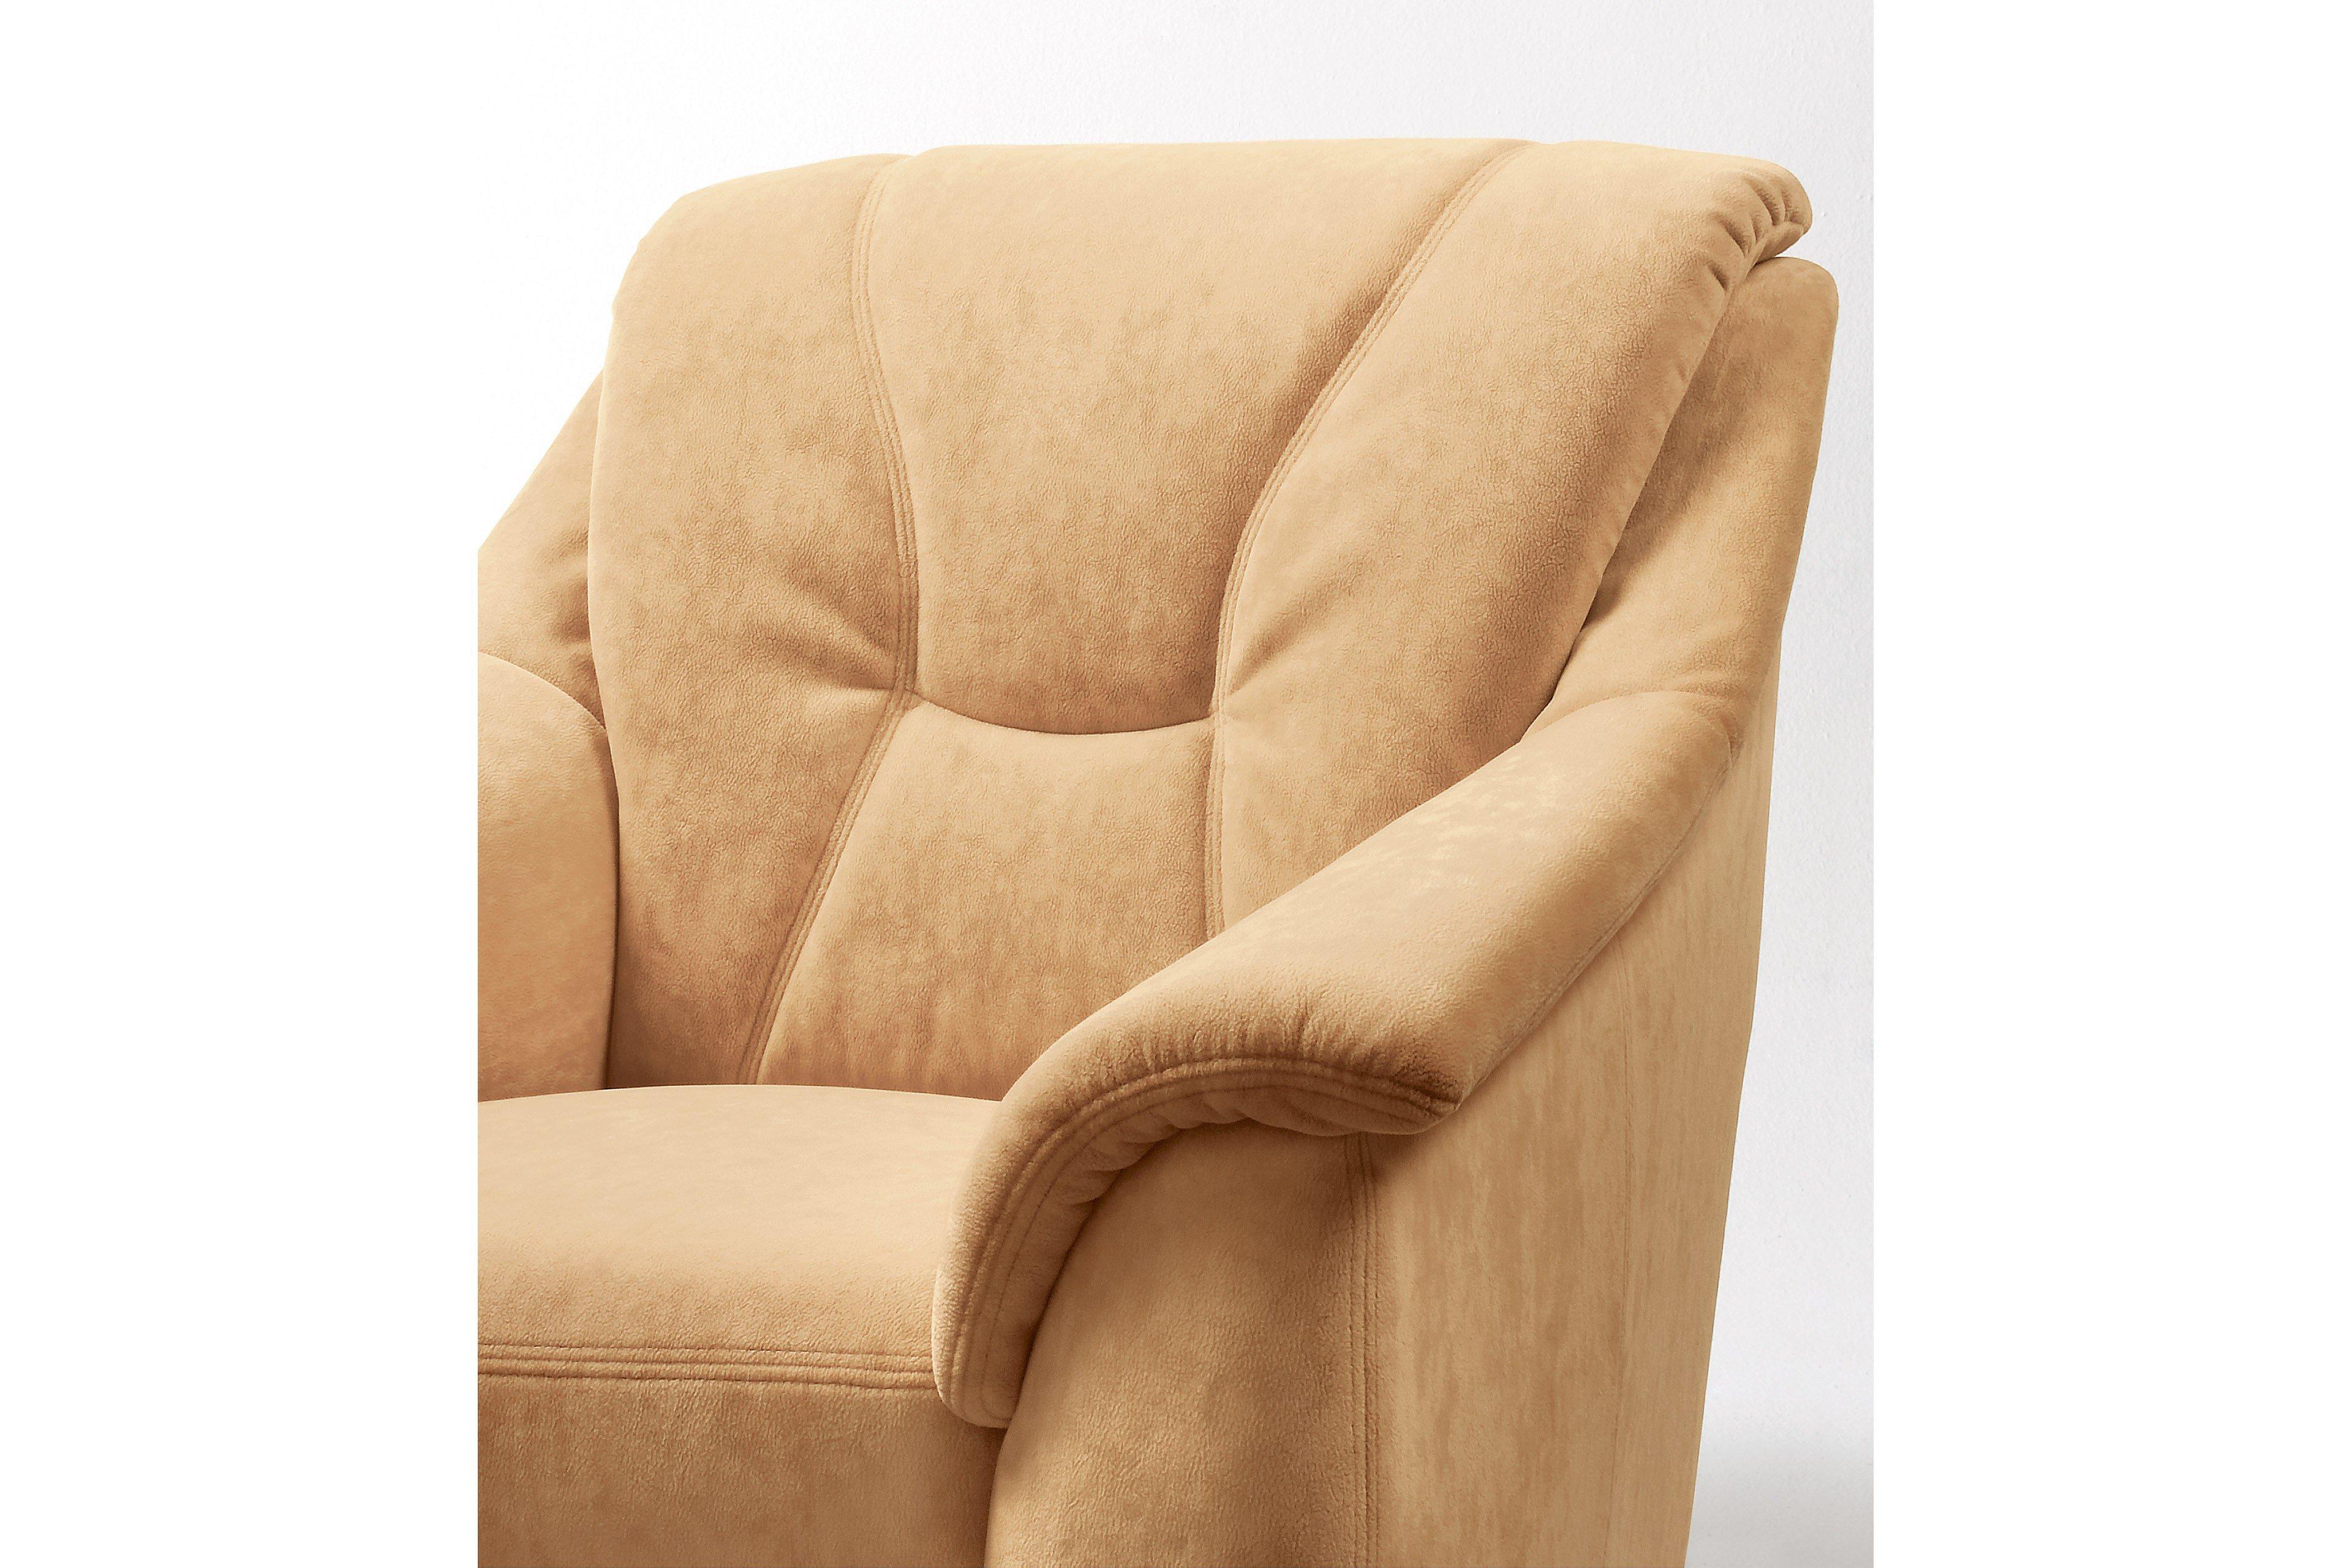 gruber polsterm bel cora ecksofa in beige m bel letz online shop. Black Bedroom Furniture Sets. Home Design Ideas